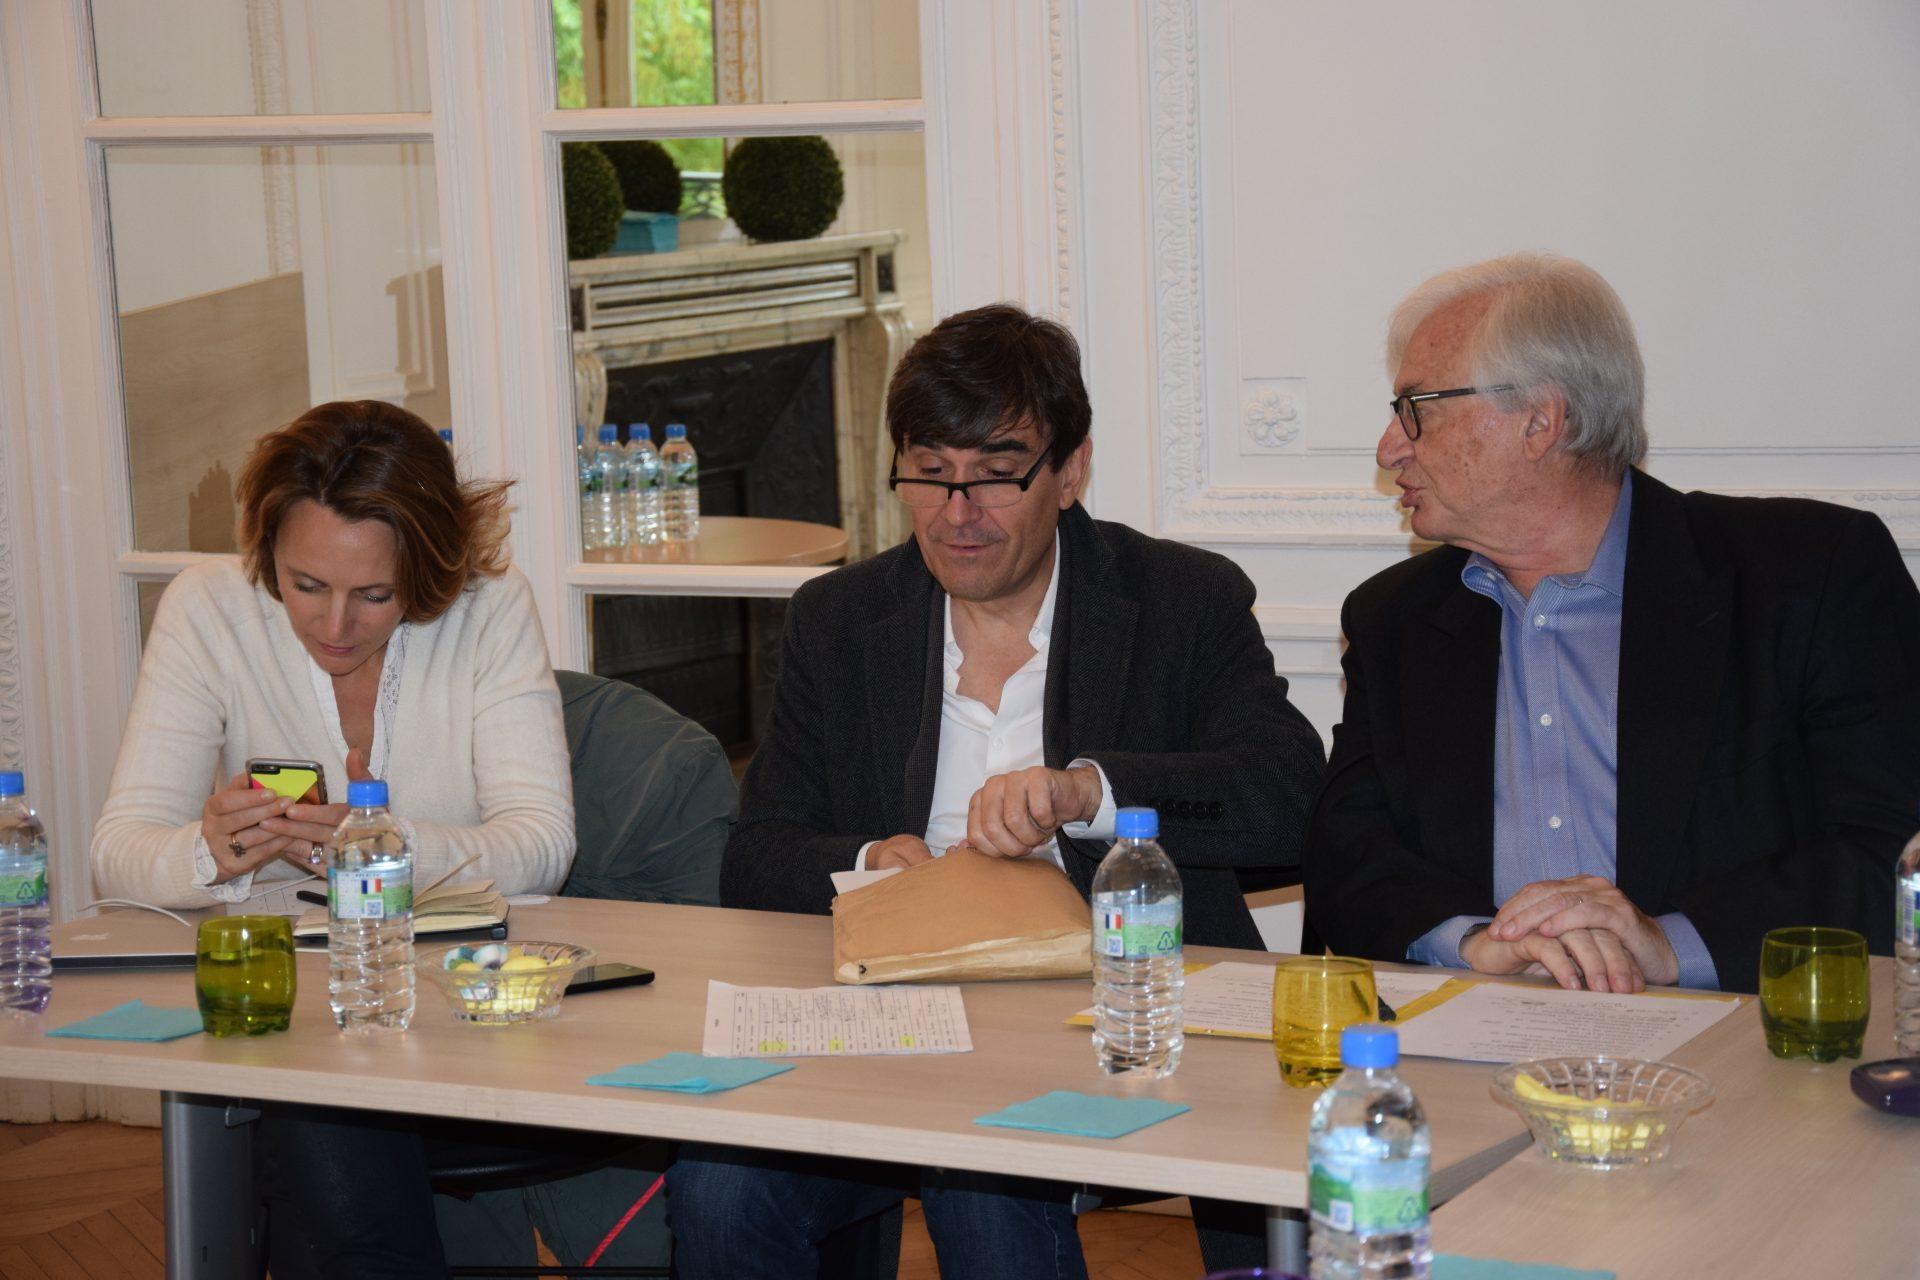 Jury Presse quotidienne départementale - Julie JOLY (CFJ), Georges MALBRUNOT (Le Figaro) et Jacques BACHELLERIE